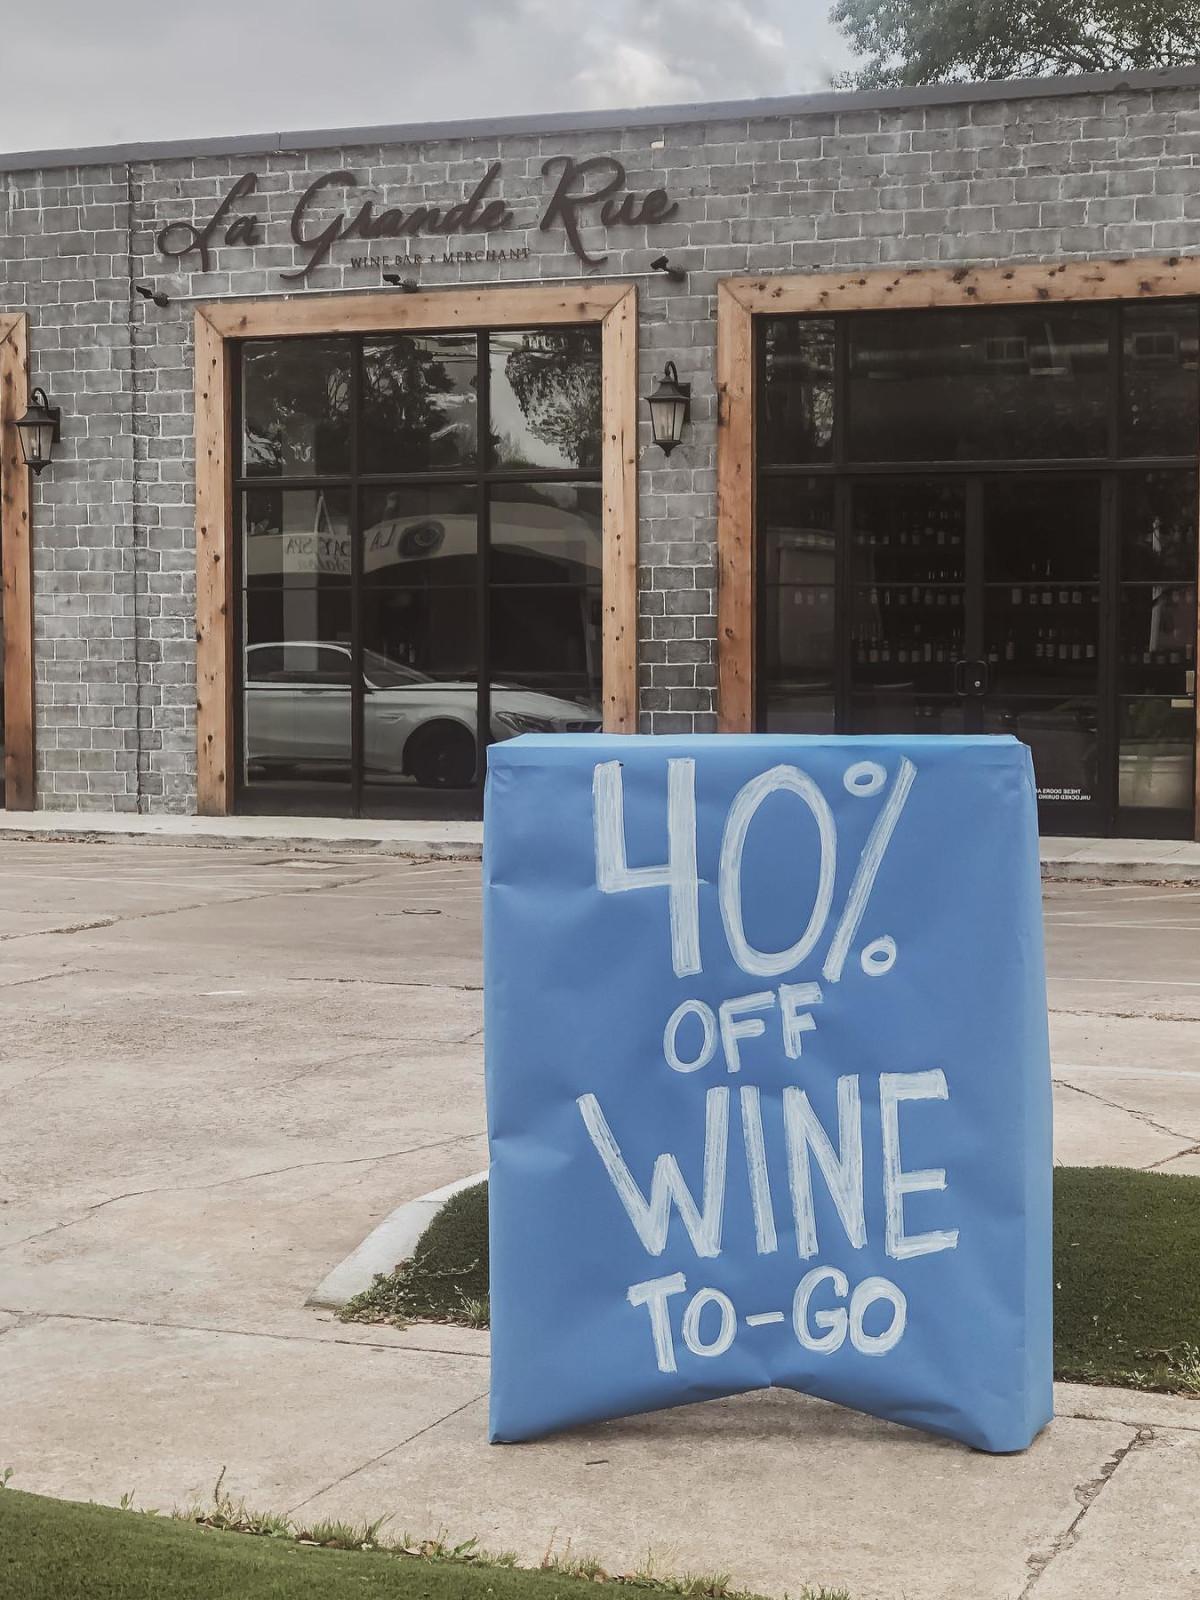 La Grande Rue wine discount sign